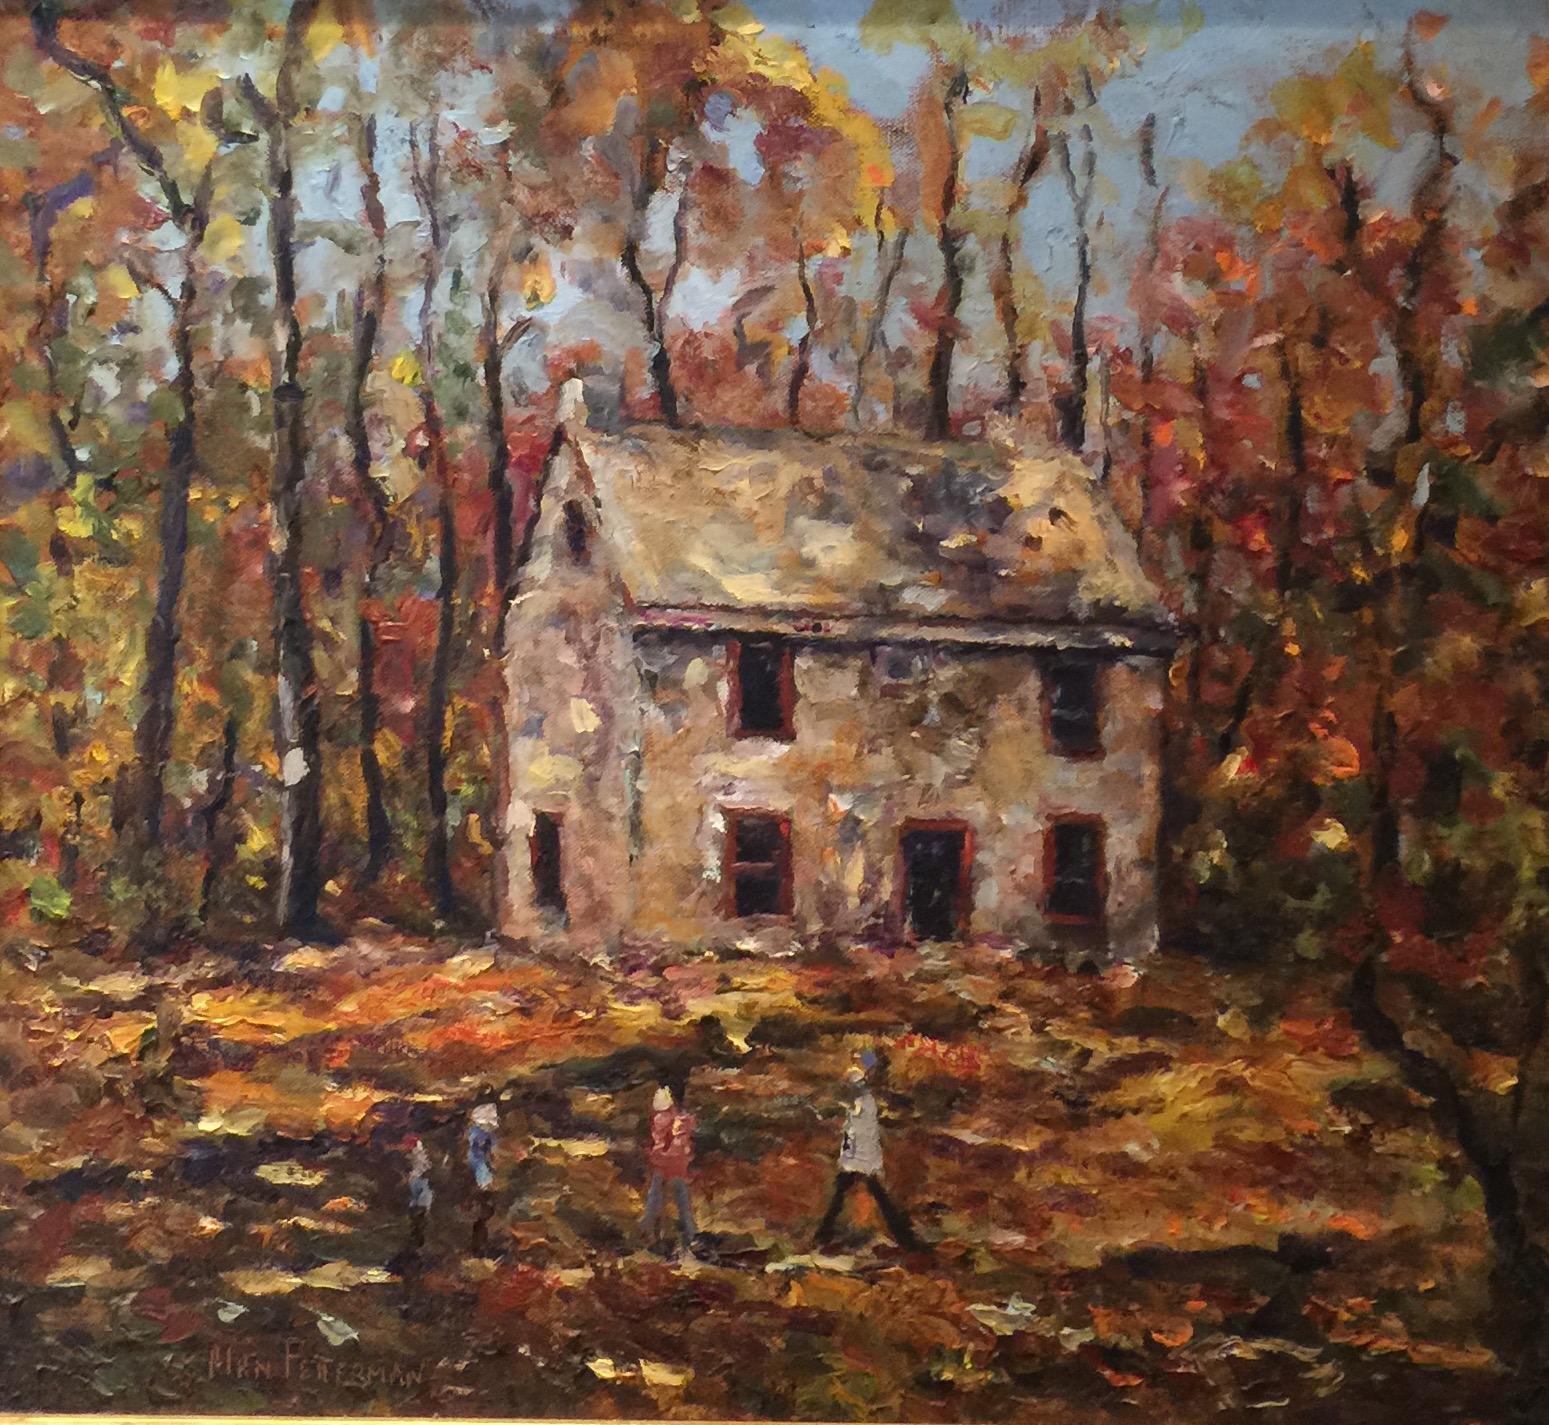 Alan Fetterman Painting Of Little Stone House FullSizeRender